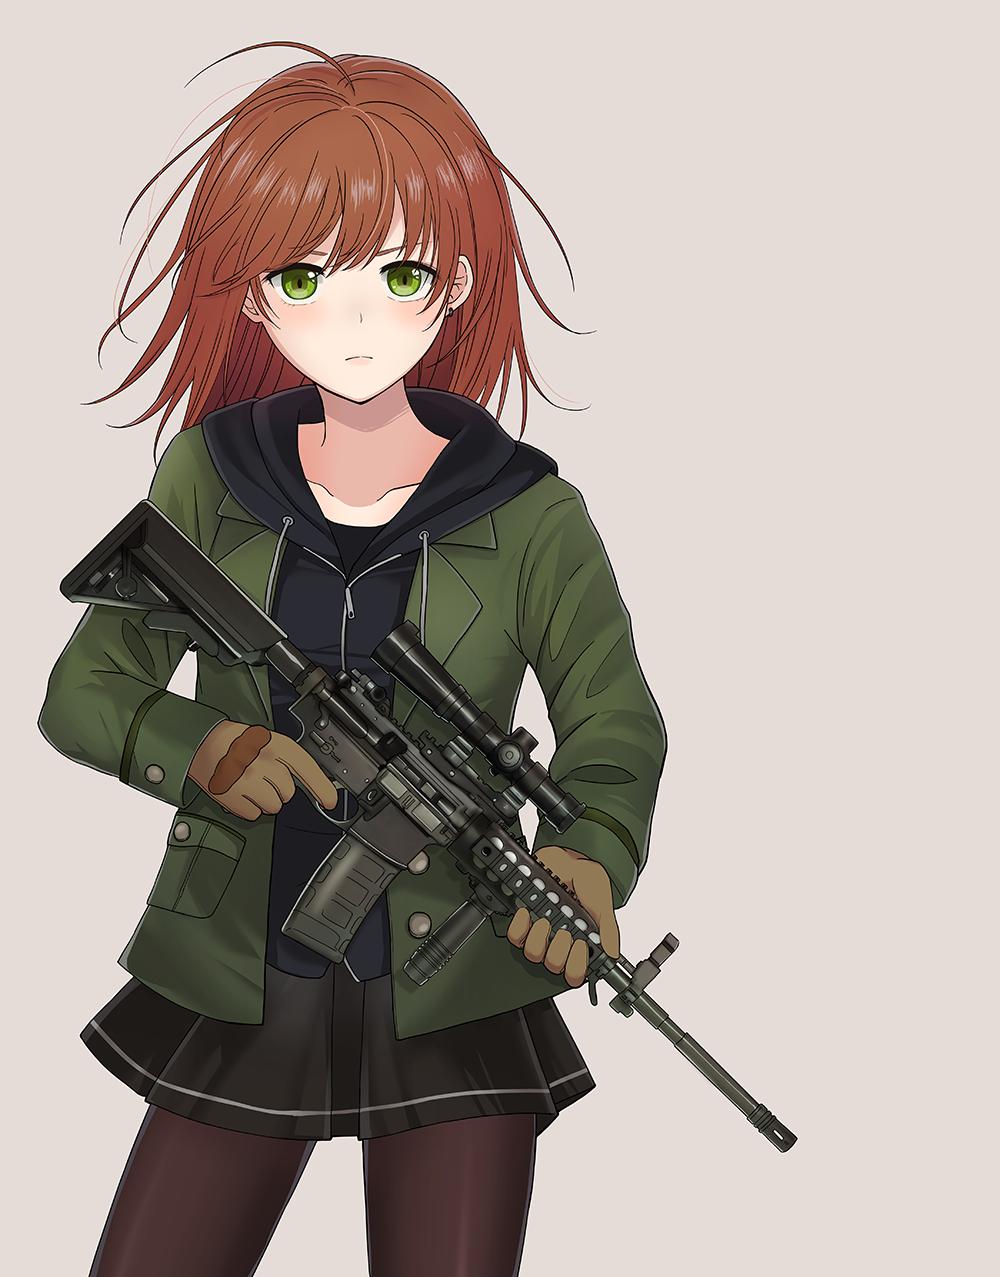 銃と女の子